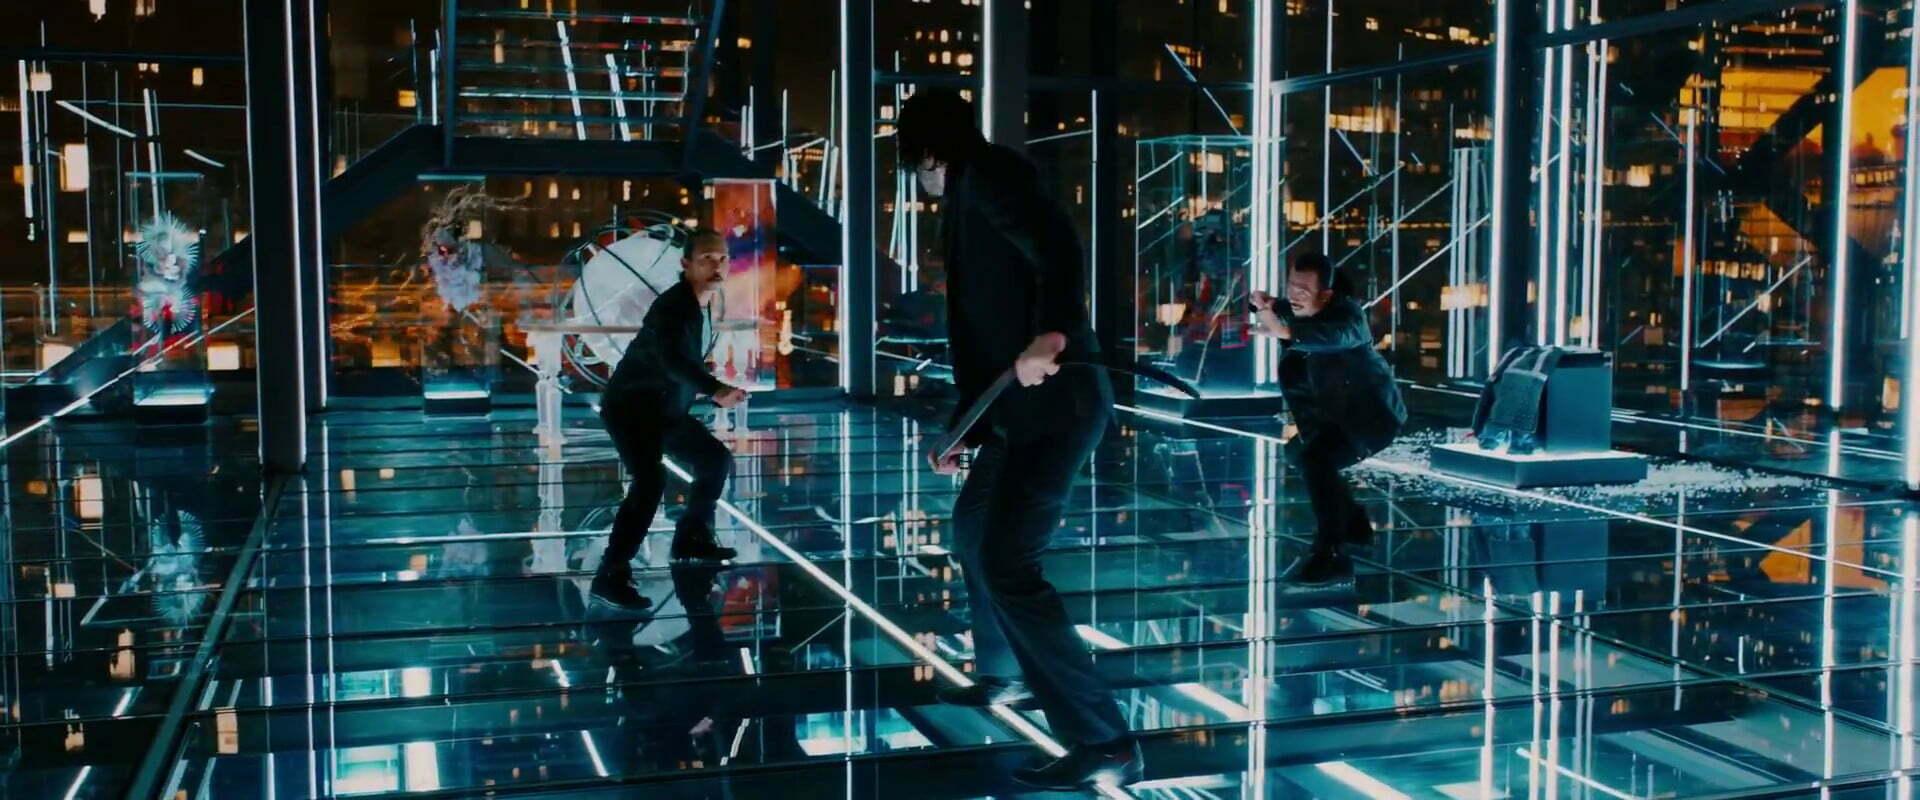 Cenas do filme Jonh Wick 3: Parabellum